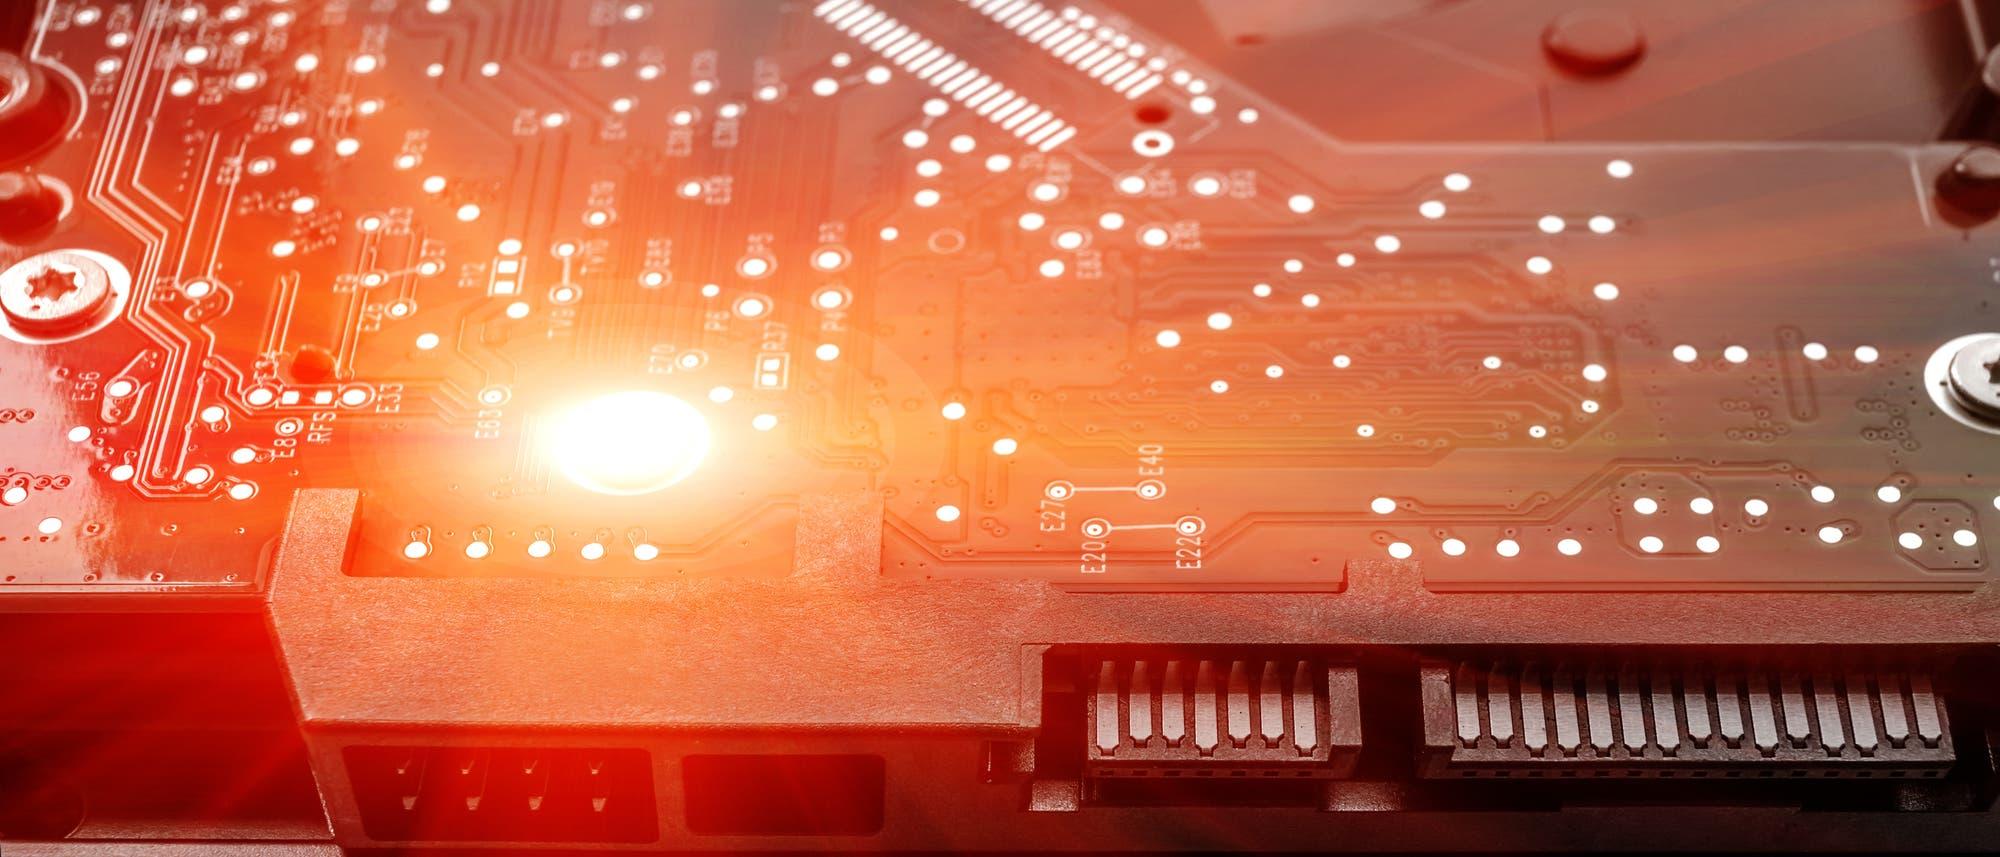 Computerfestplatte mit rotem Licht